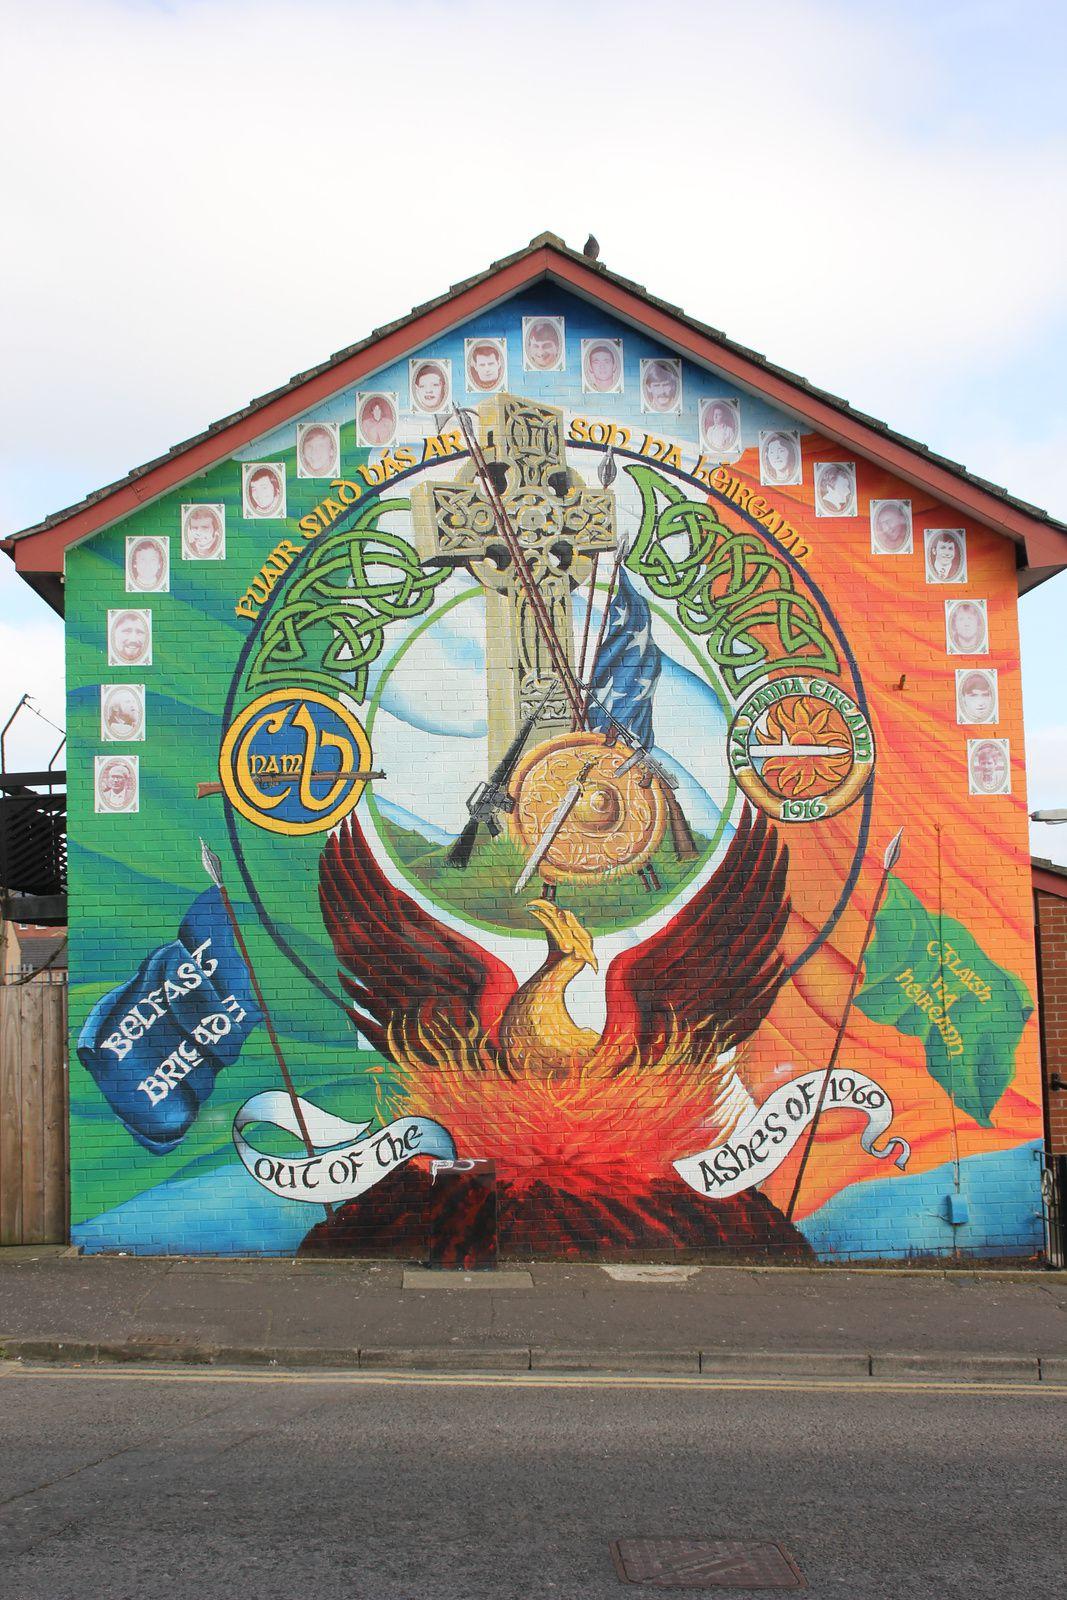 494) New Lodge Road, North Belfast